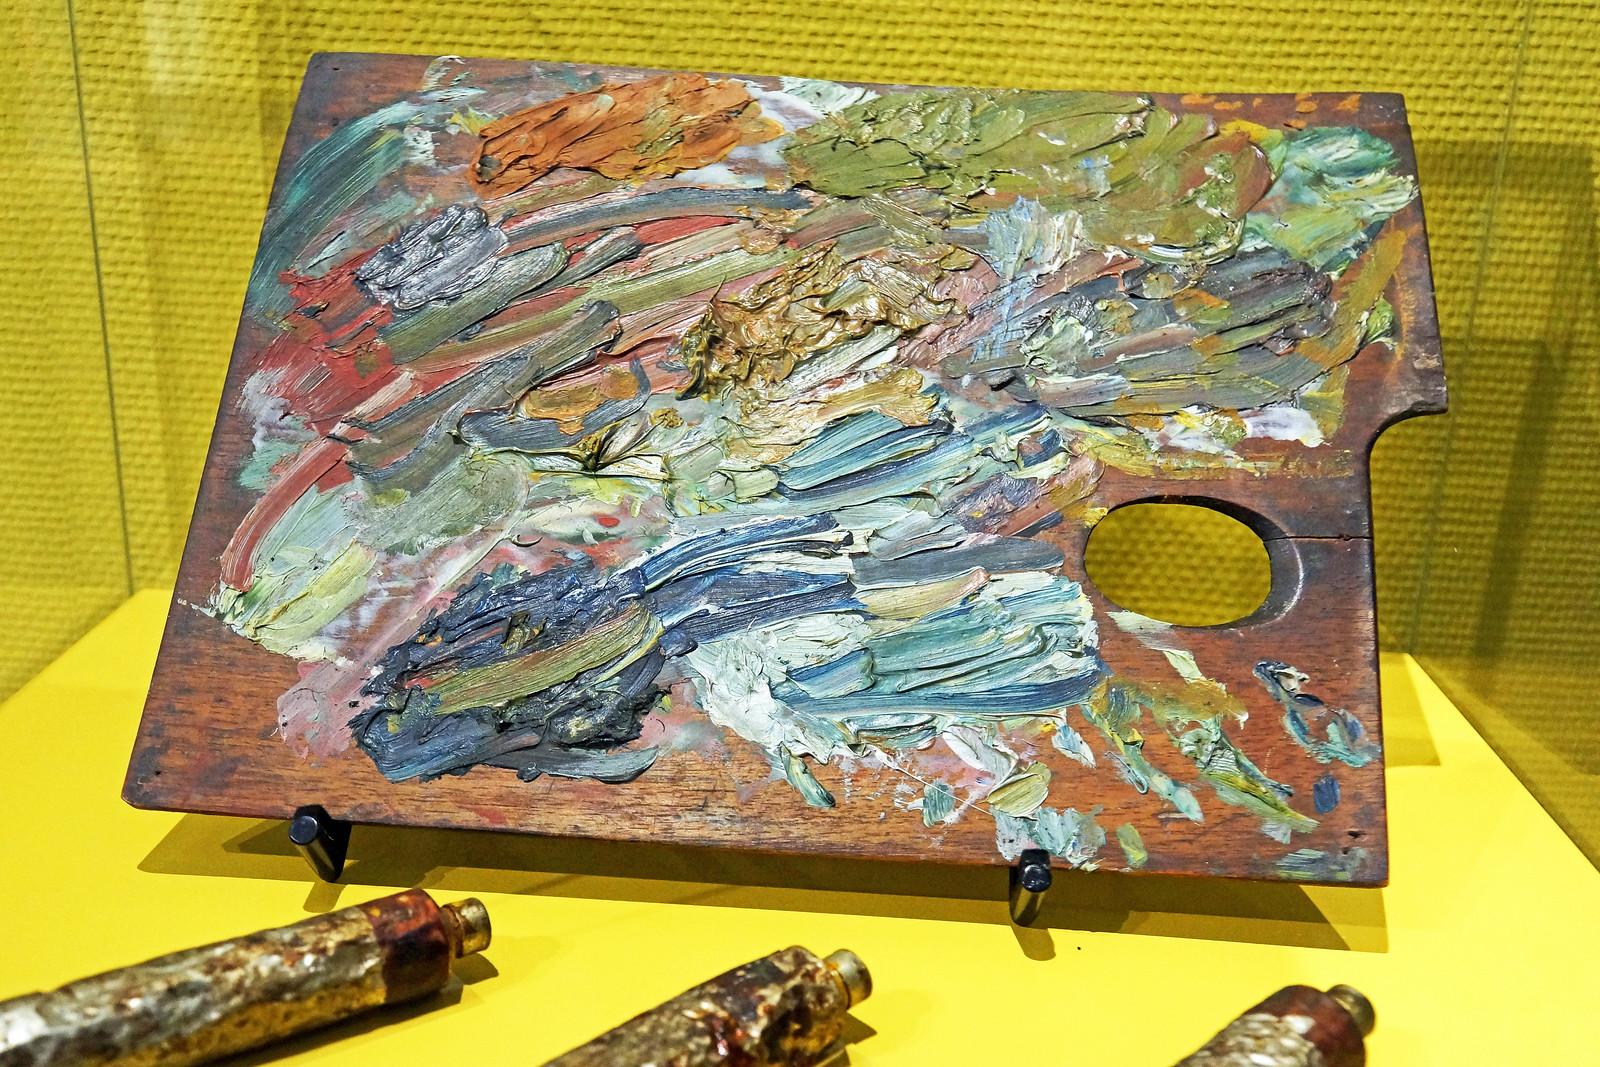 Netherlands-3963 - Van Gogh's Palette | by archer10 (Dennis) (50M Views)